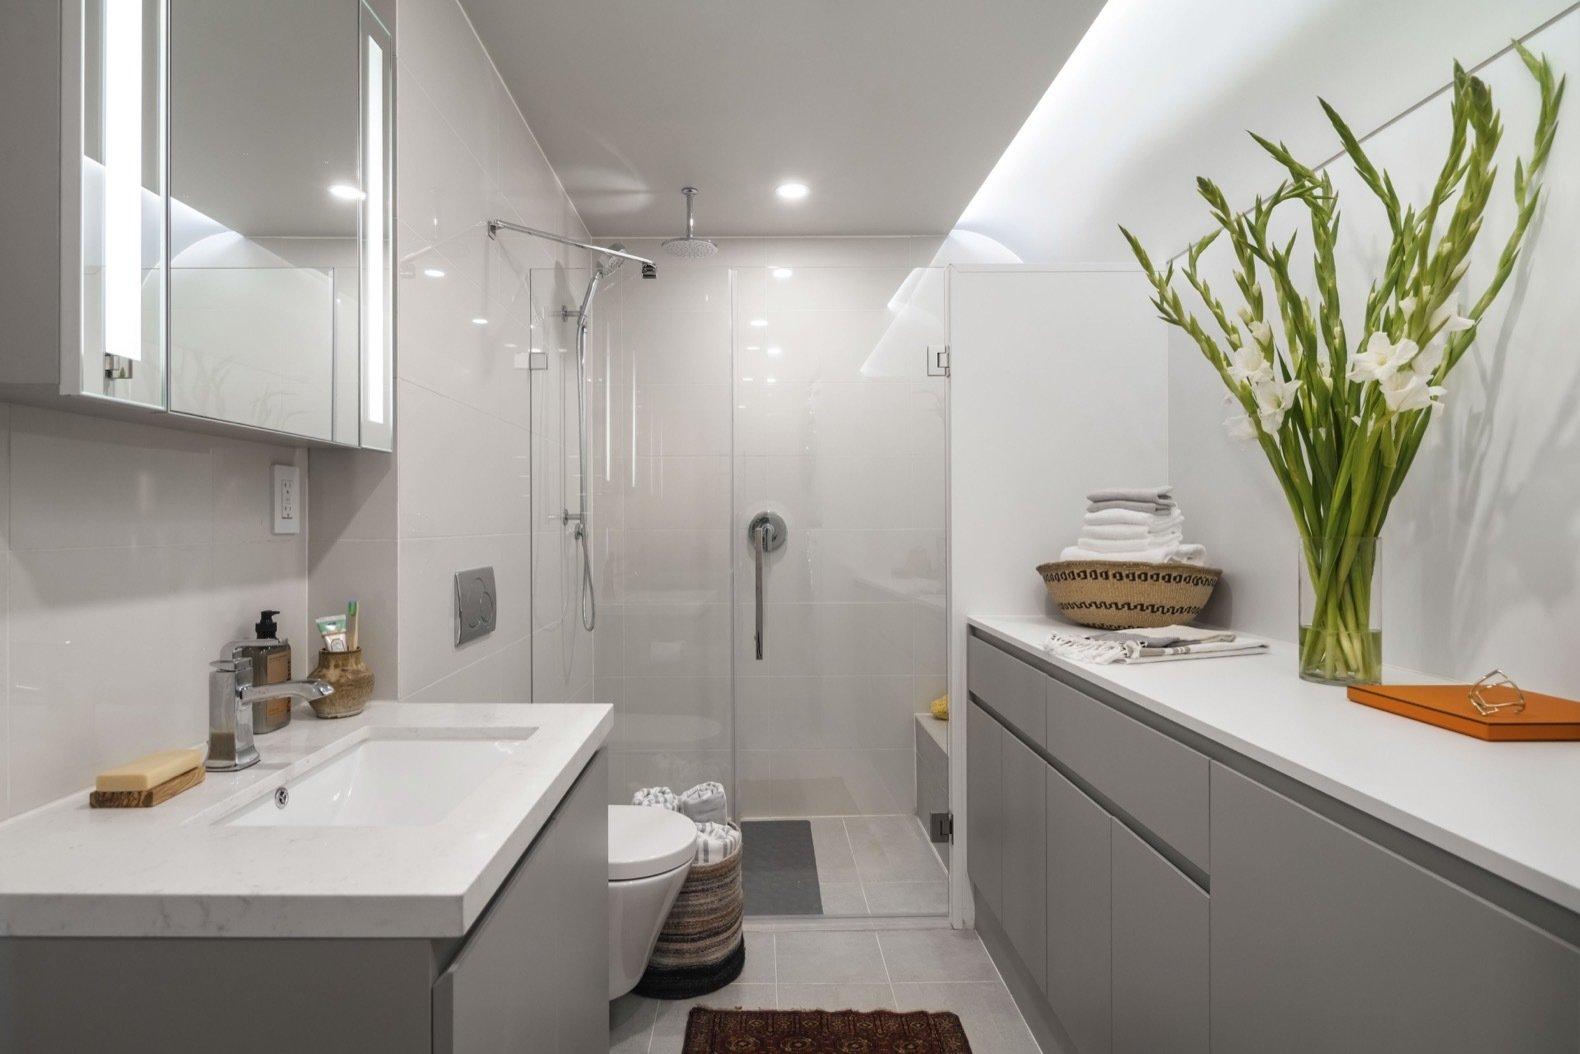 Mighty Buildings Duo B prefab home bathroom